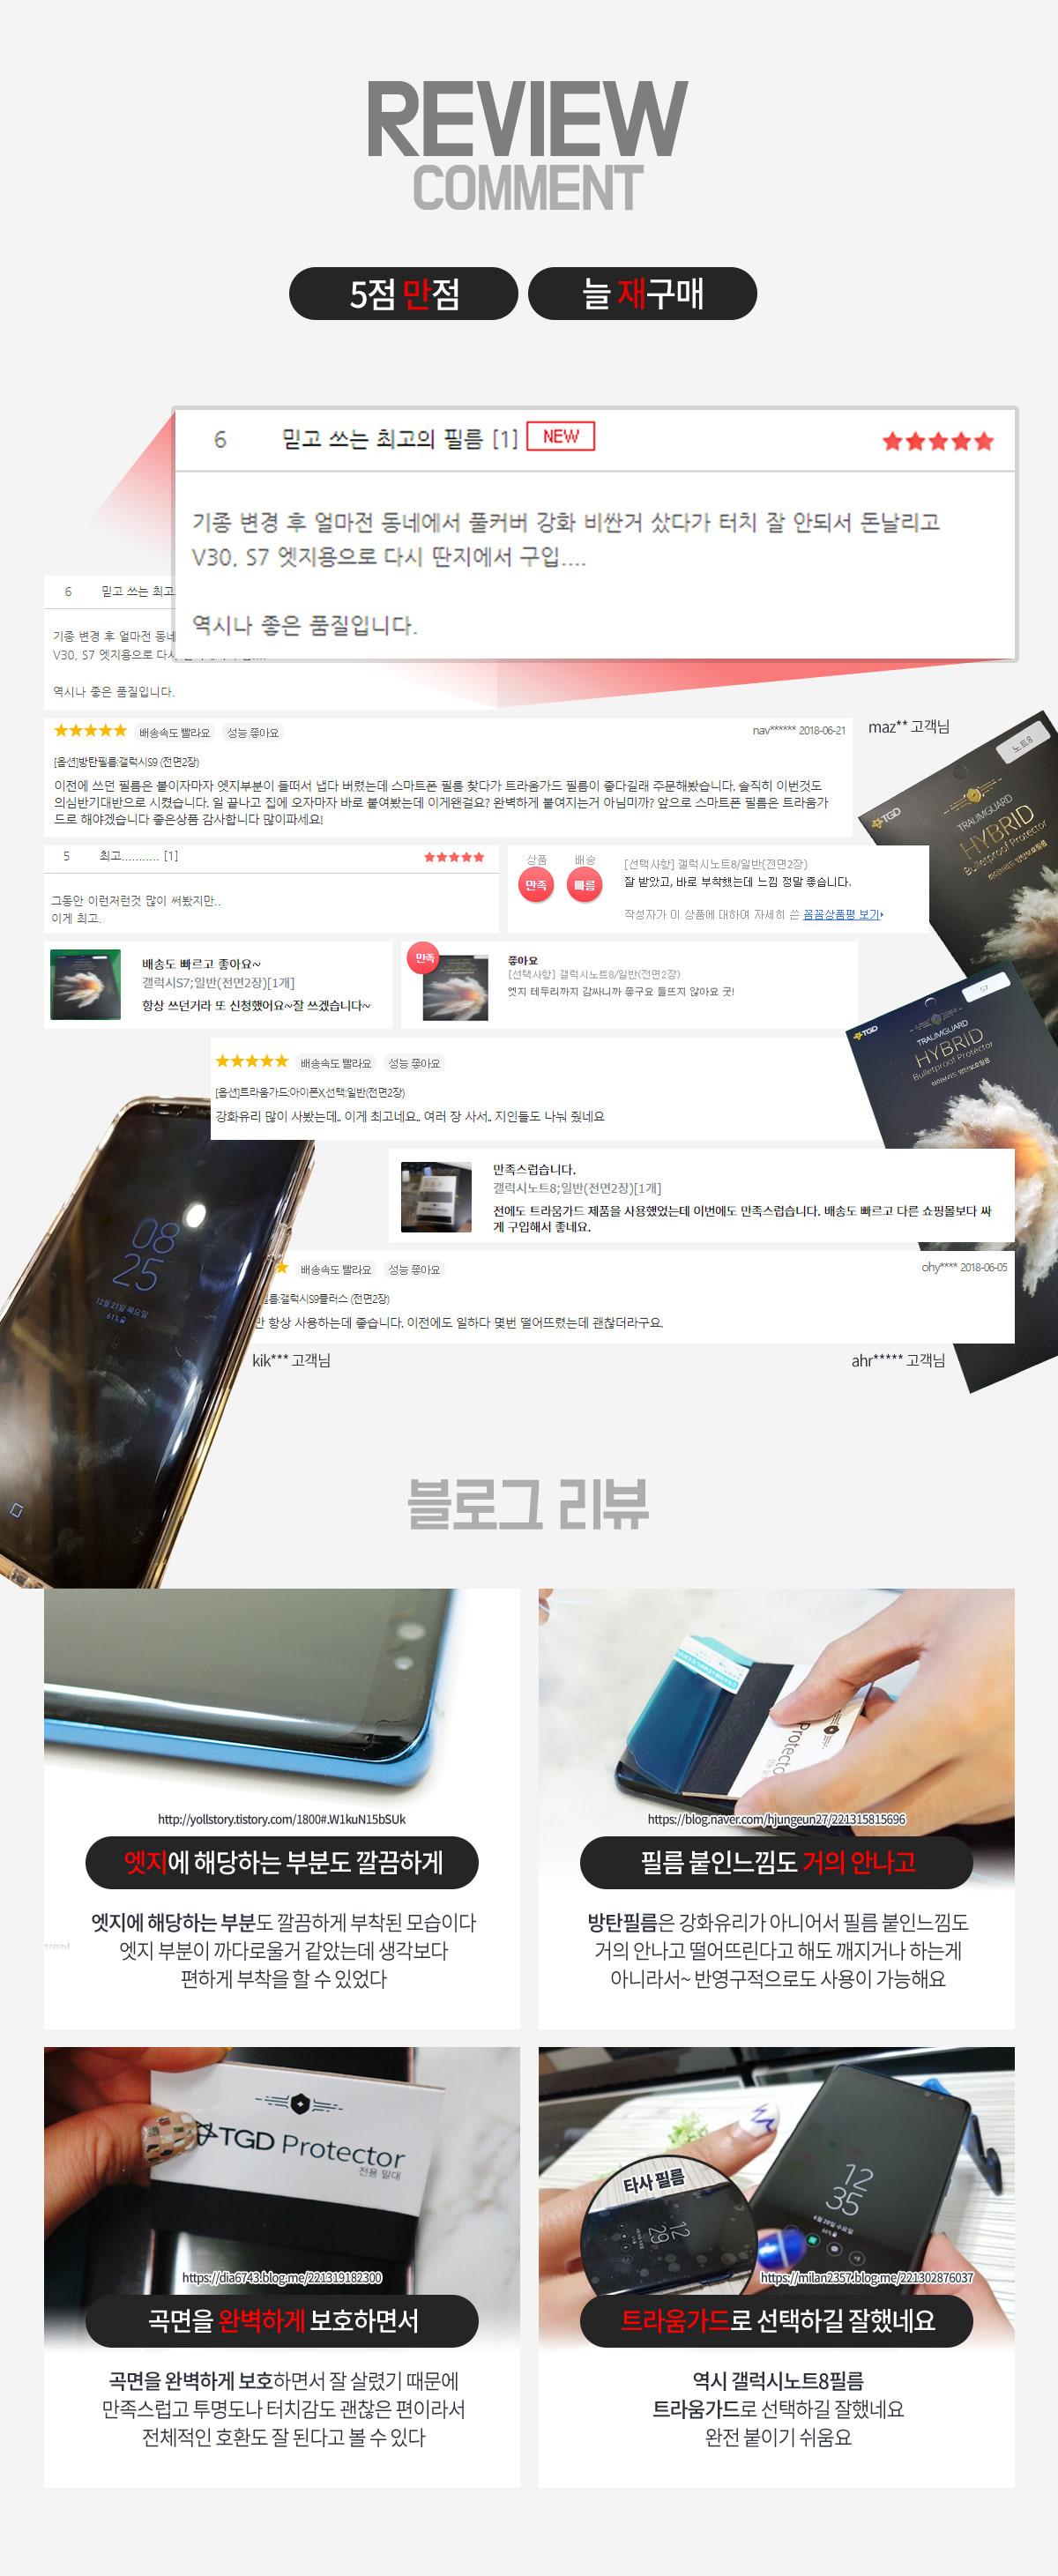 2장 갤럭시S9-S9플러스 트라움가드 풀커버방탄필름 강화유리필름 - 티지디, 19,000원, 필름/스킨, 갤럭시S9/S9플러스